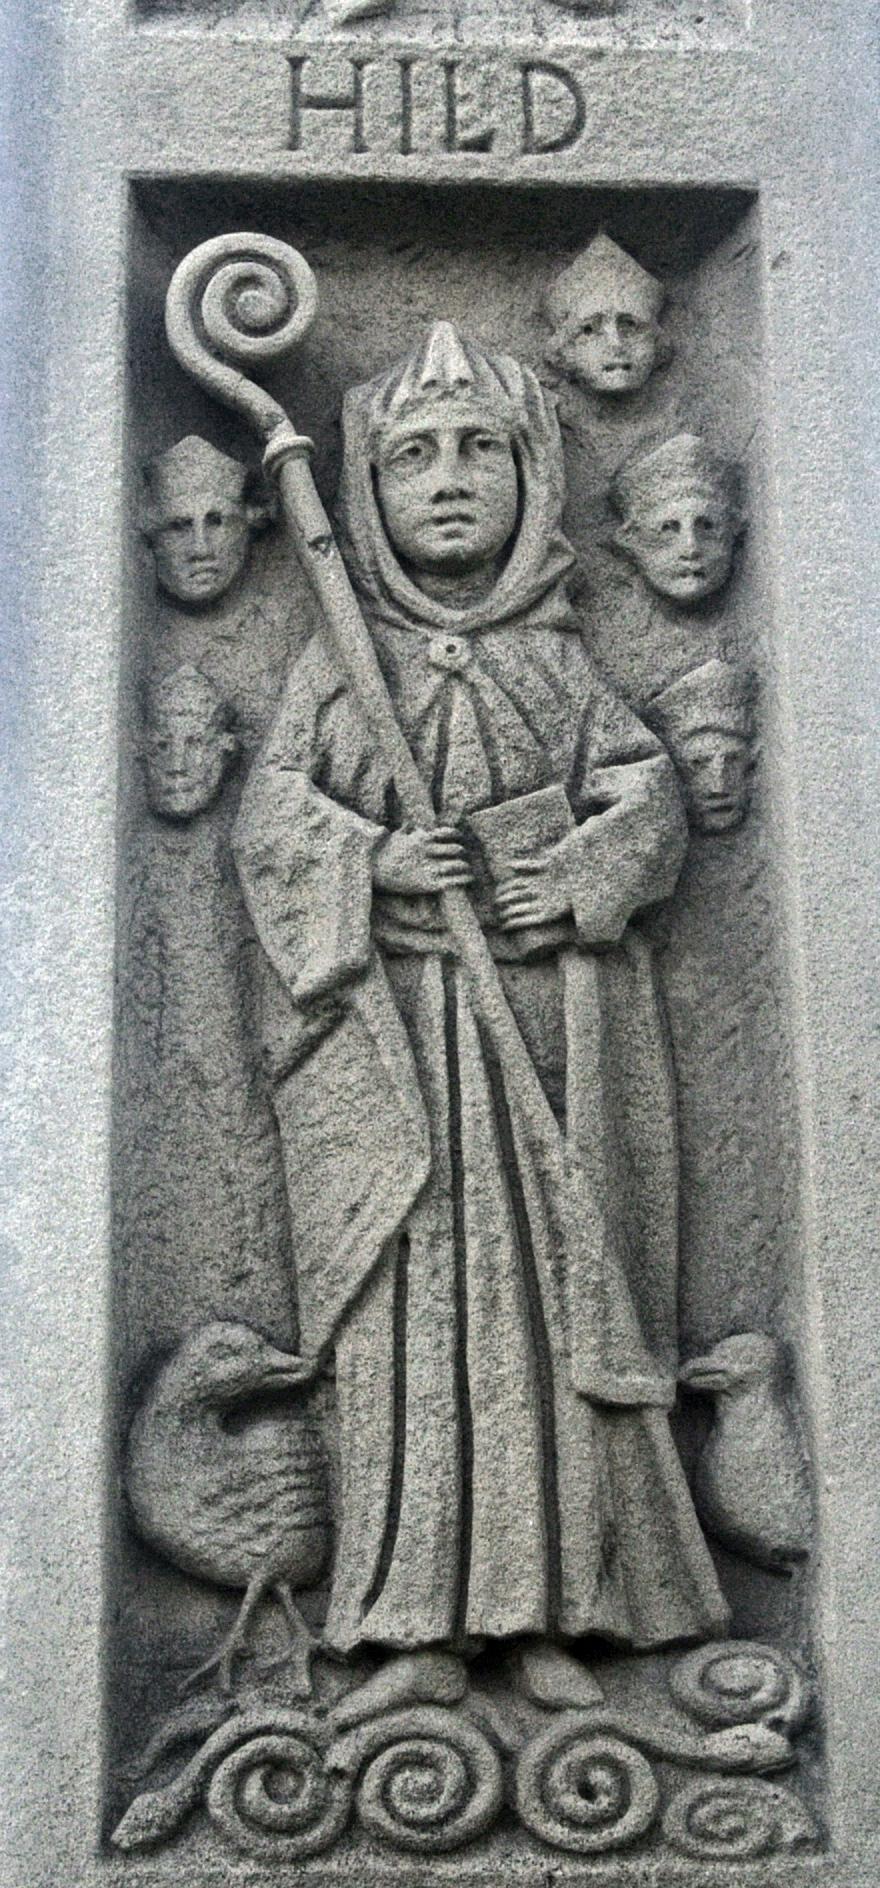 Monument av St. Hilda i Whitby, detalj, med ammonitter ved hennes føtter